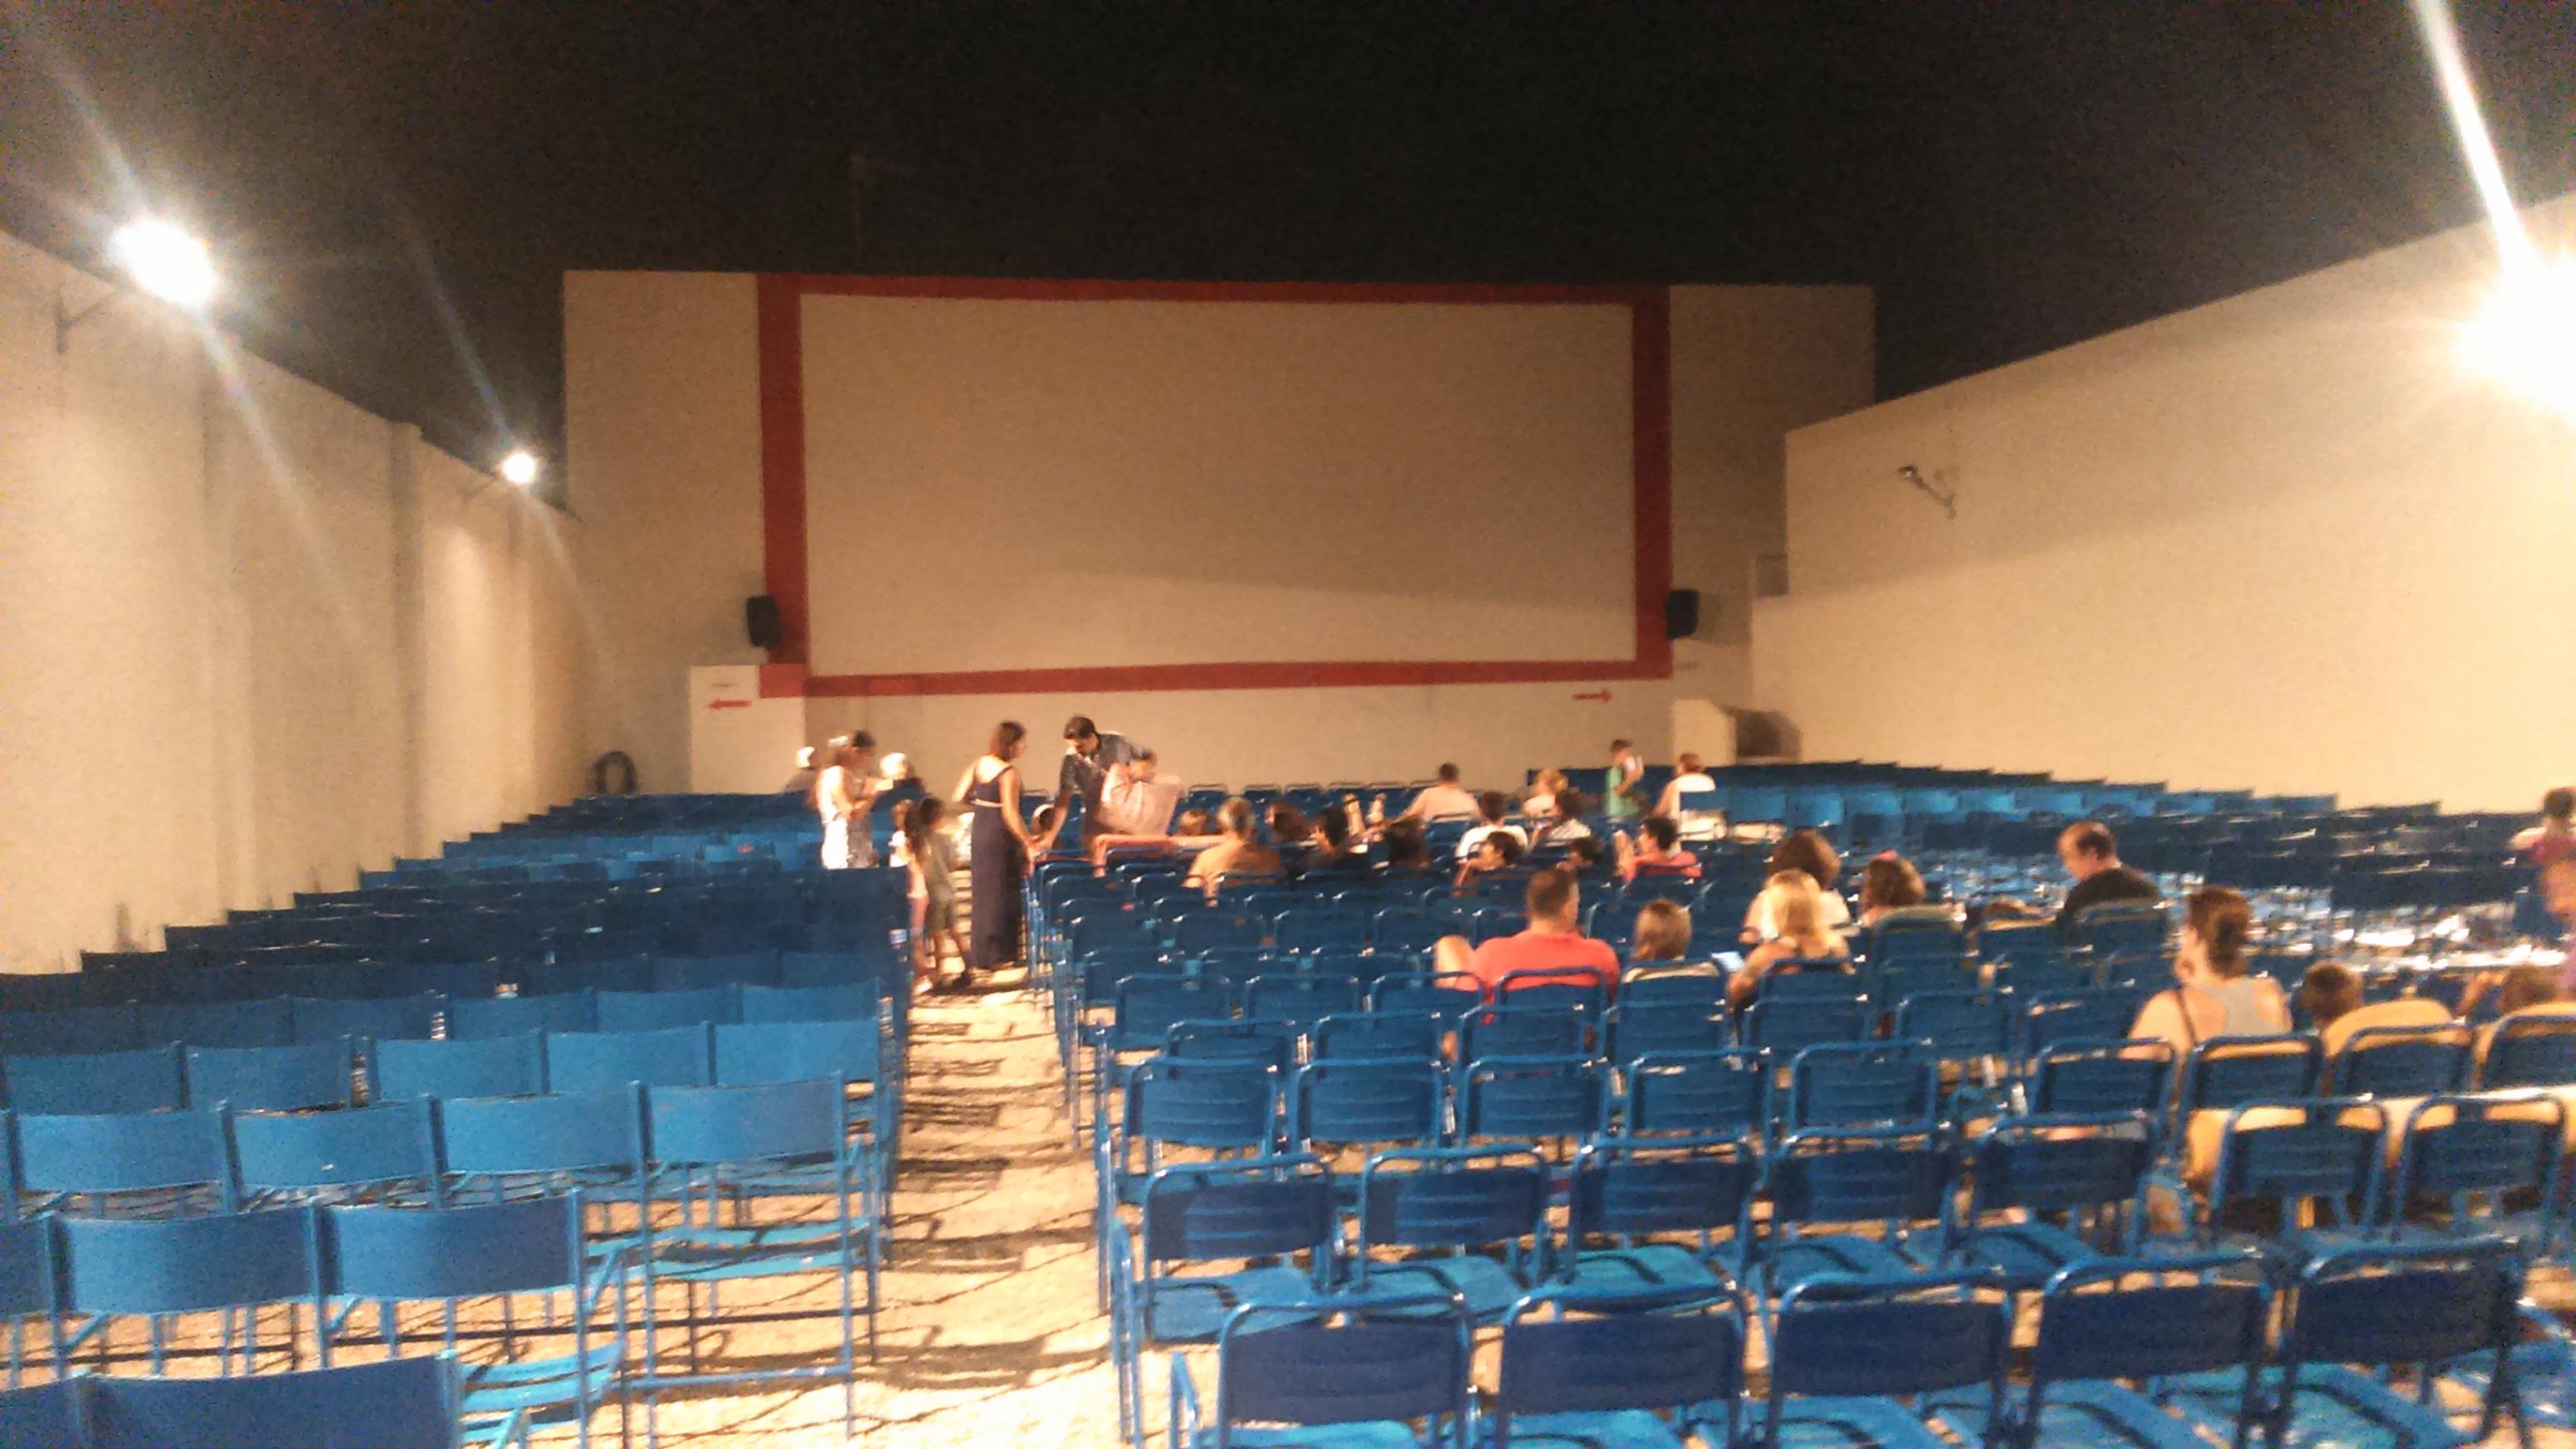 patio de butacas del cine de verano de CAbo ROig